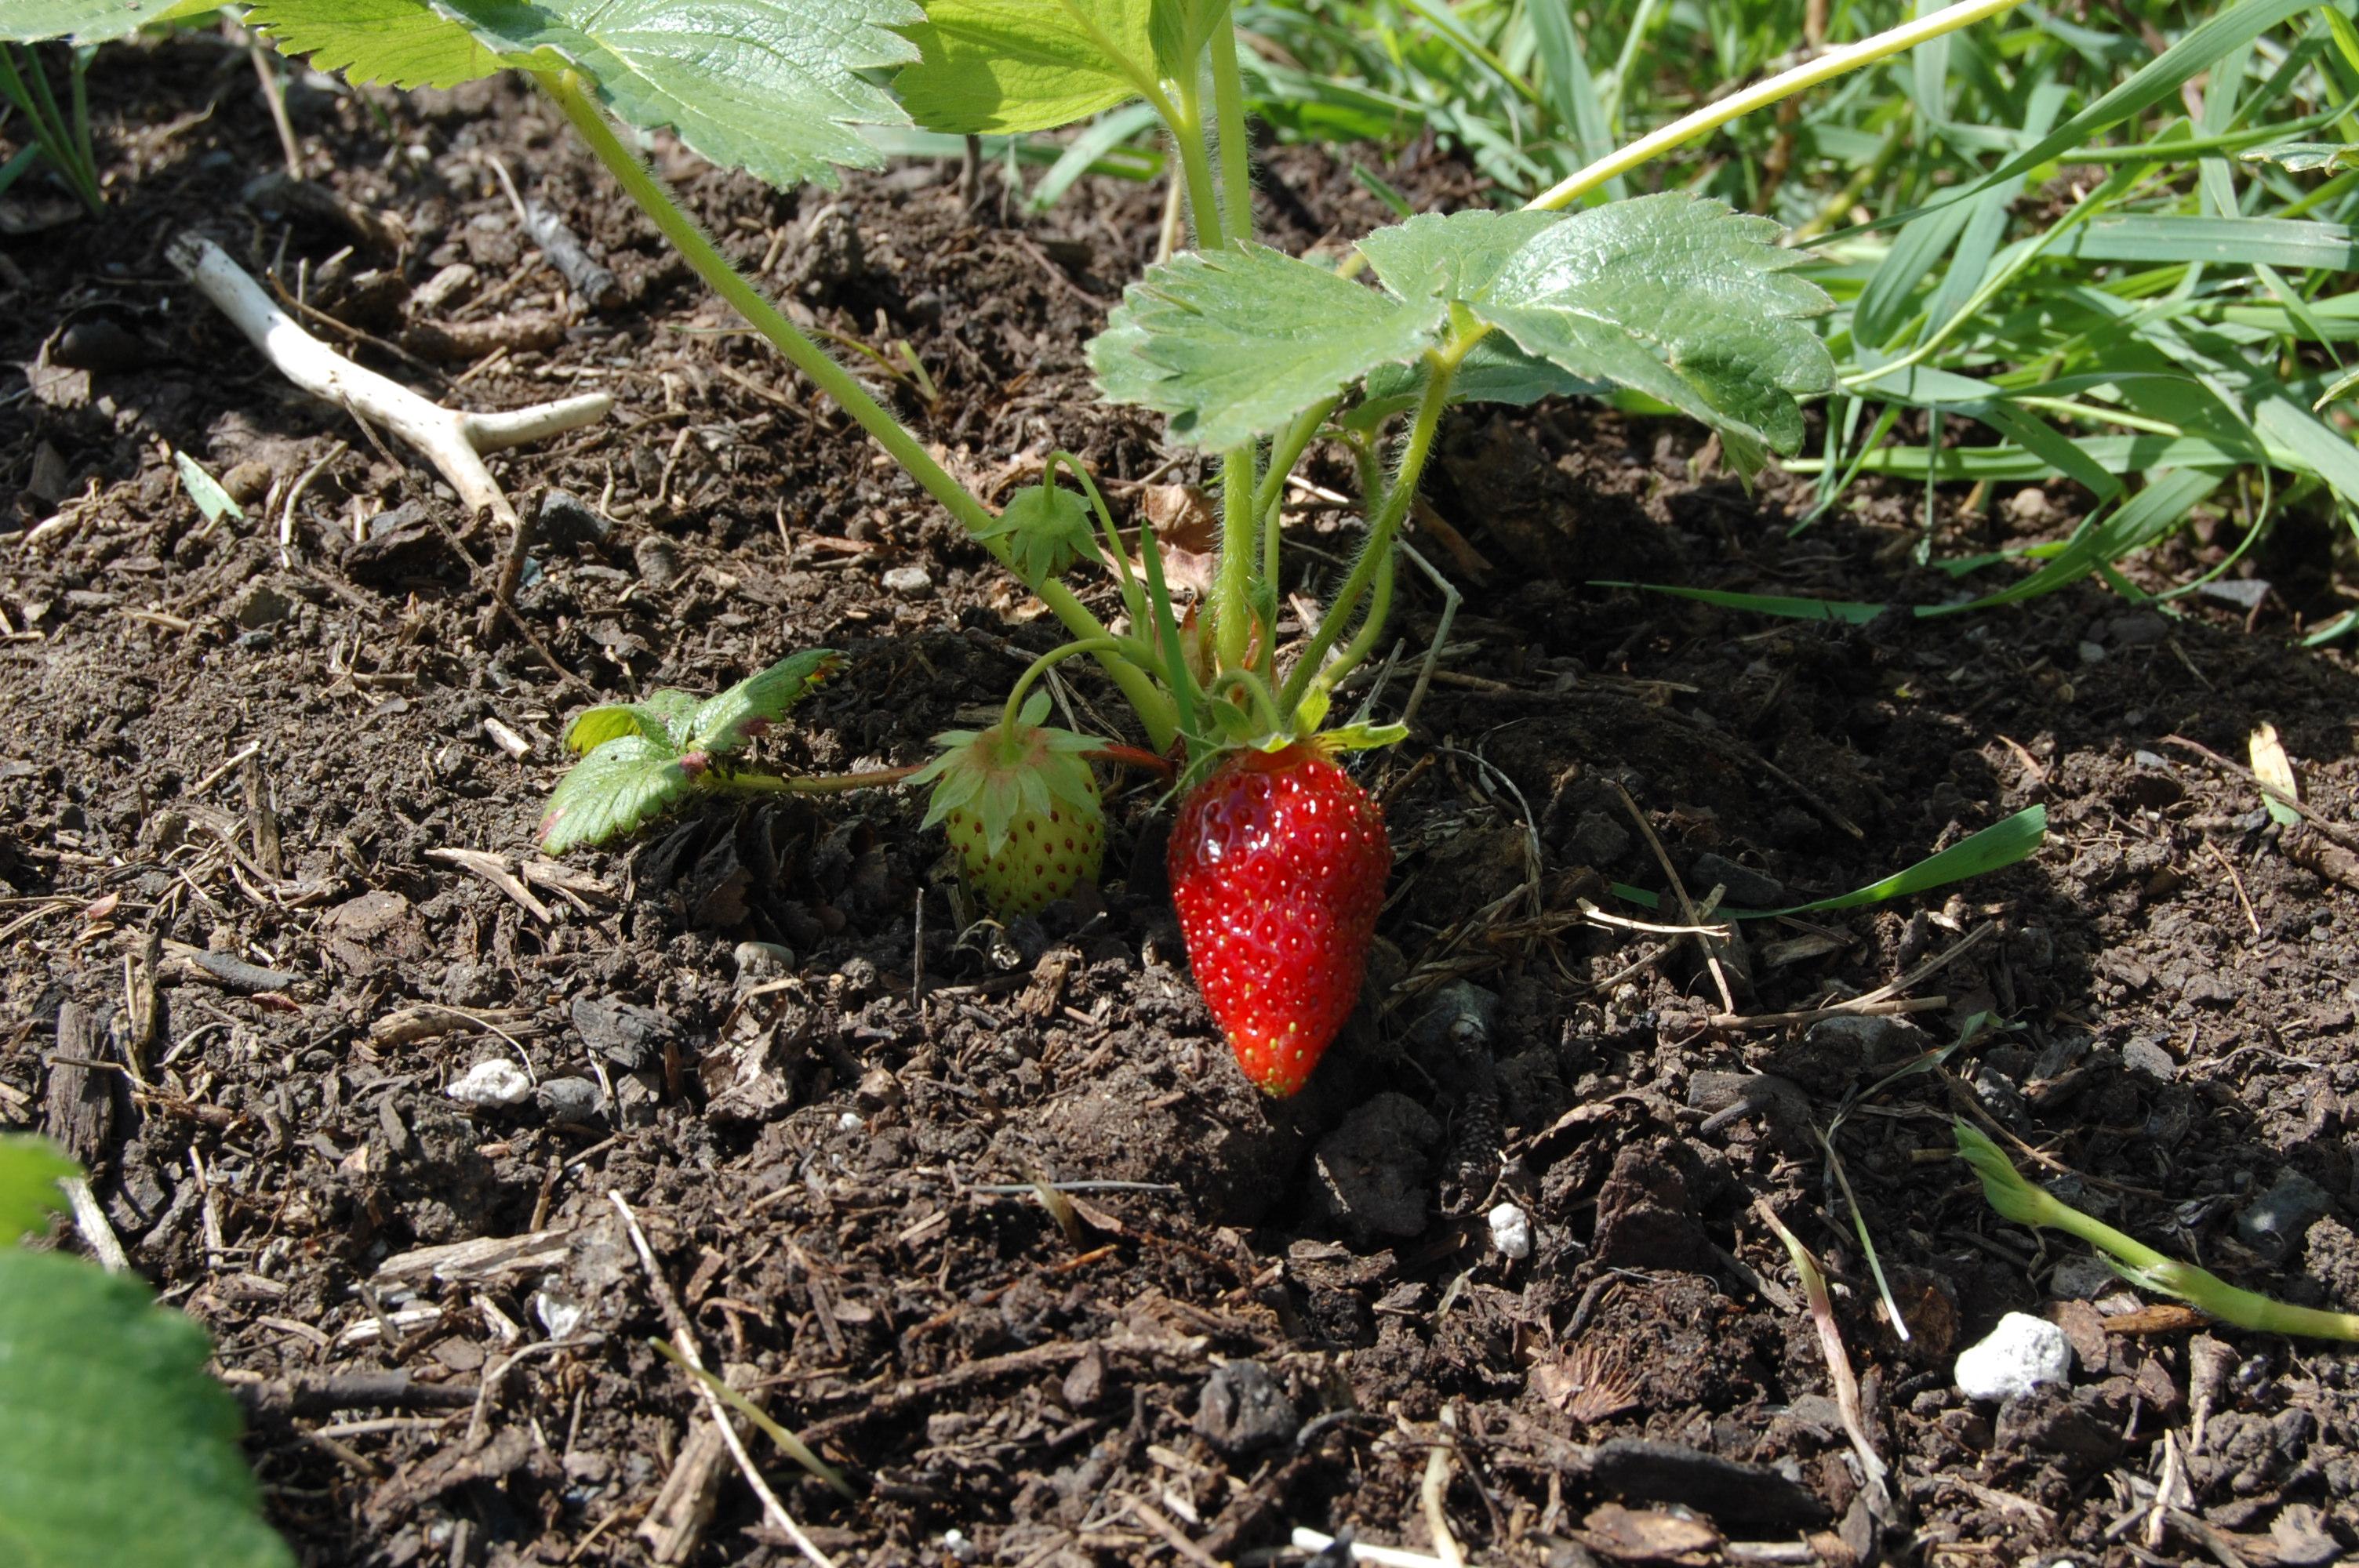 بالصور مراحل نمو الفراولة شي عجيب , الفراولة في مراحل نموها 261 2